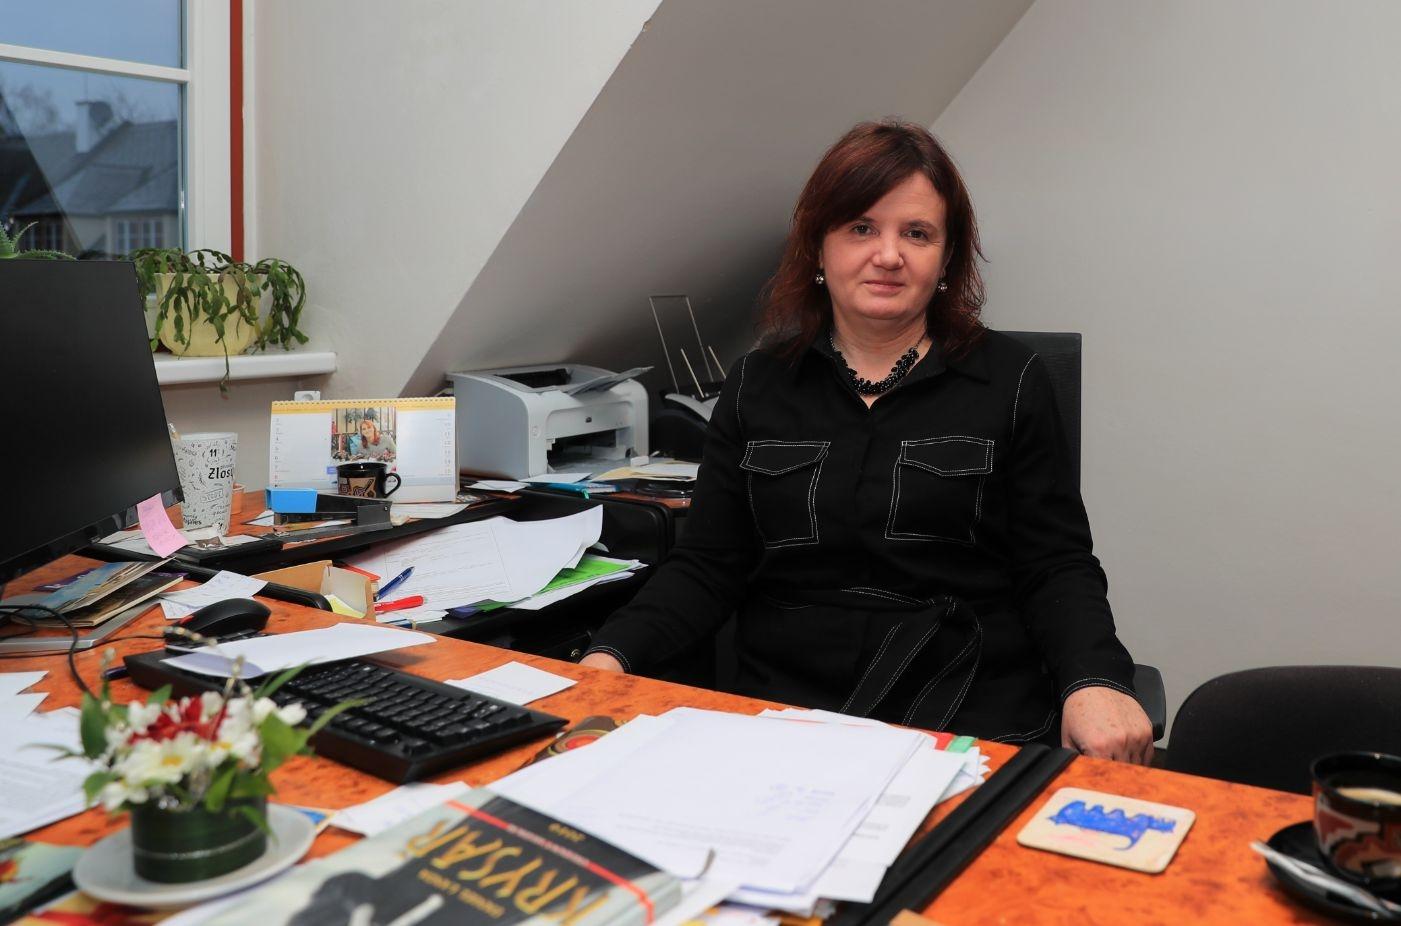 ředitelka domu kultury Hana Písková foto: archiv sumpersko.net - M. Jeřábek